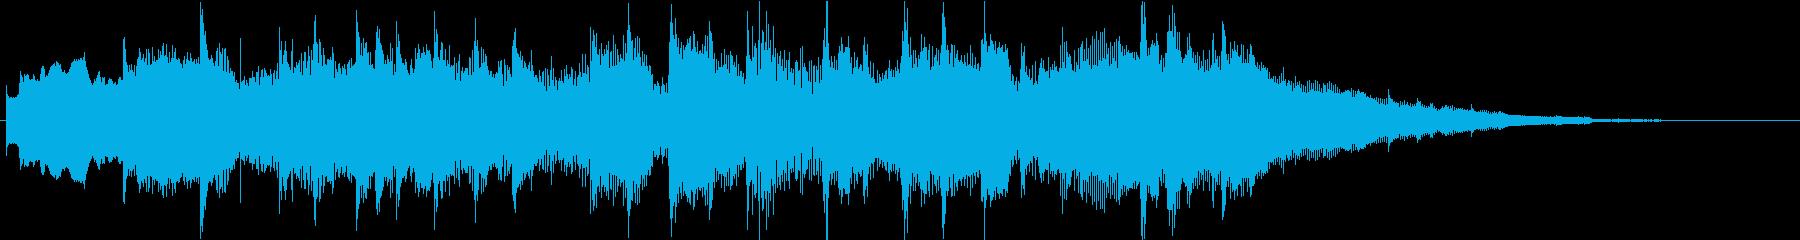 サウンドロゴやゲームなどに 和風ジングルの再生済みの波形